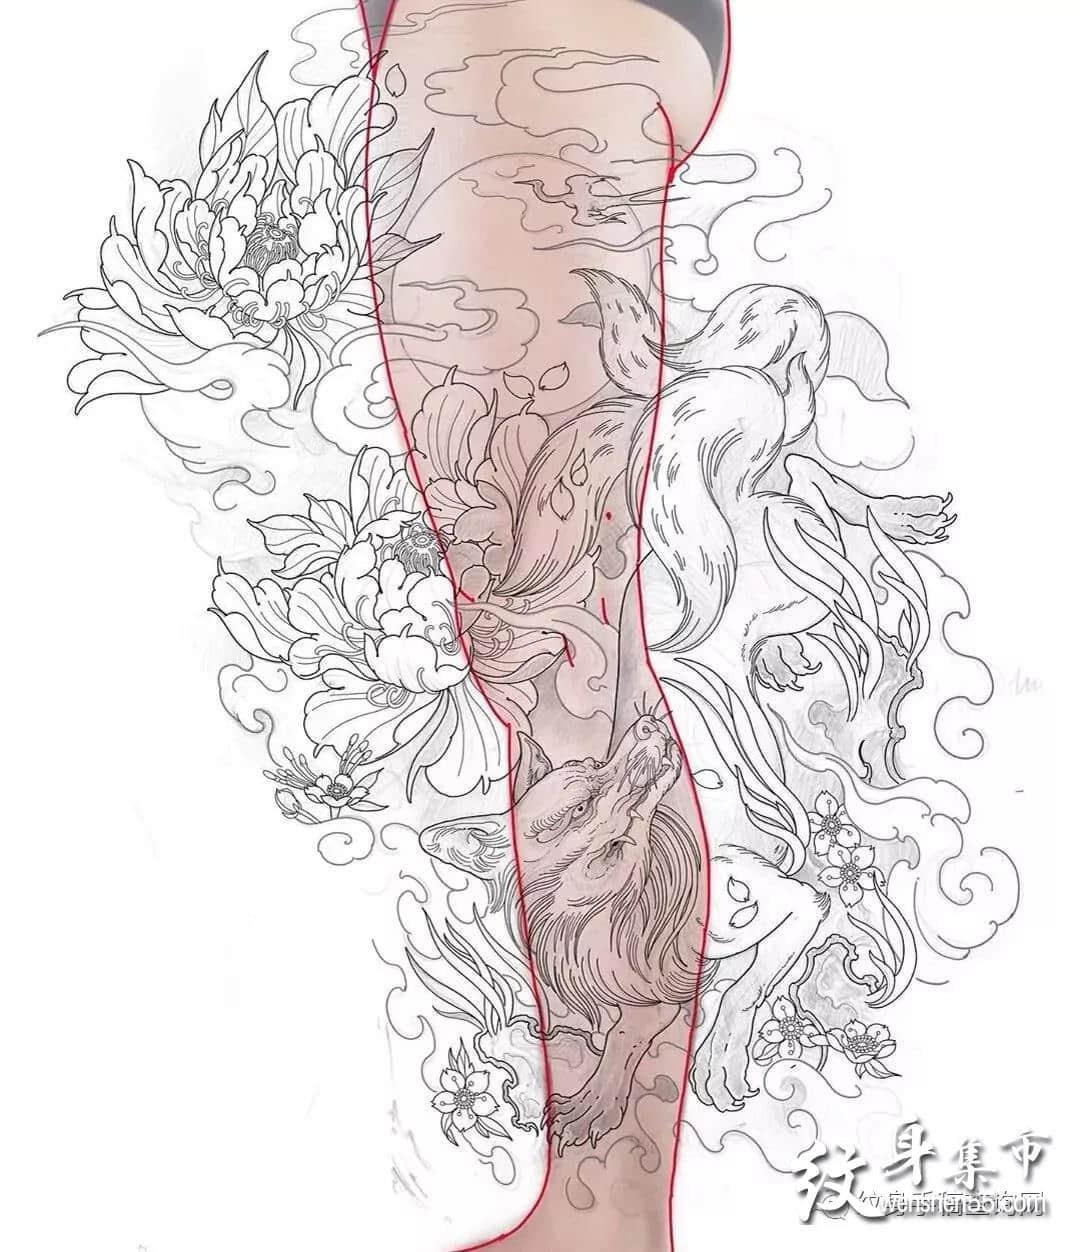 九尾狐纹身,九尾狐纹身手稿,九尾狐纹身手稿图案